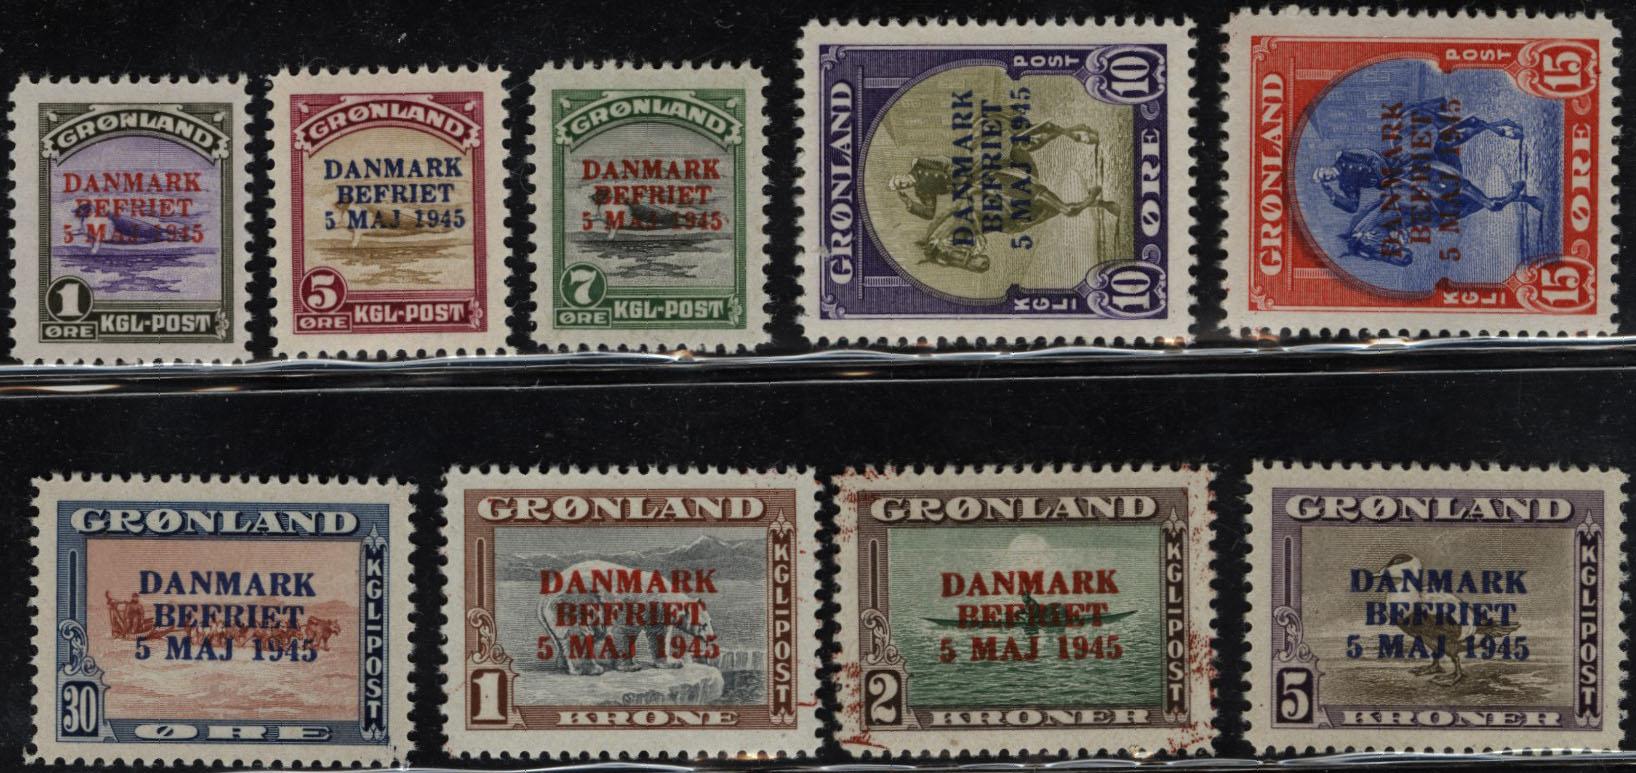 Lot 1989 - Grønland Enkeltmerker  -  Skanfil Auksjoner AS  Public auction 211